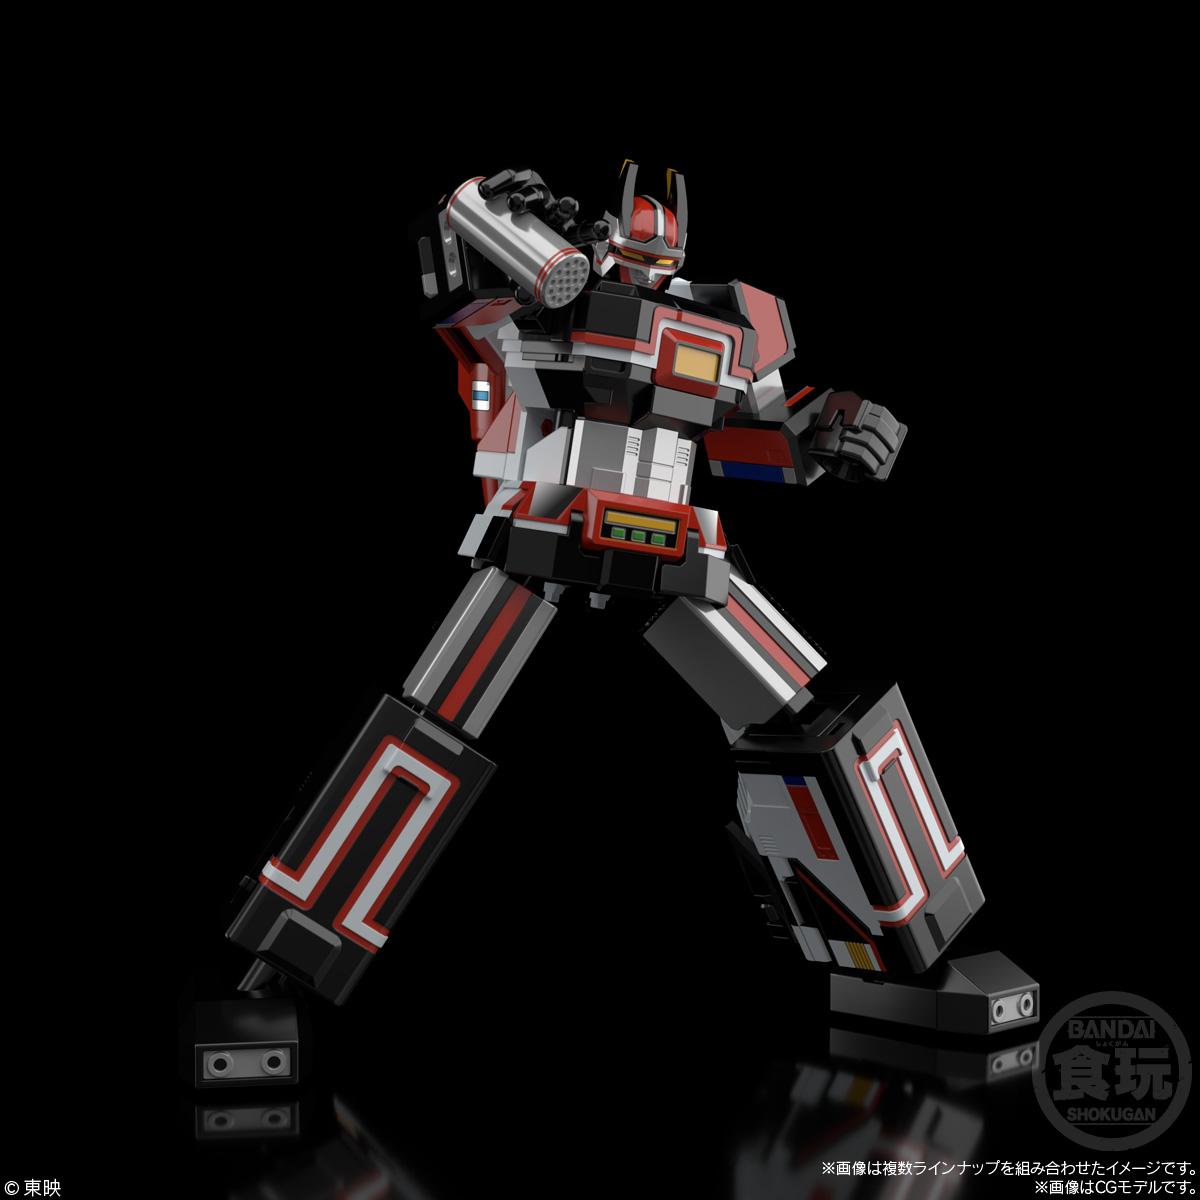 【食玩】スーパーミニプラ『電子合体 バイオロボ』超電子バイオマン 2個入りBOX-009